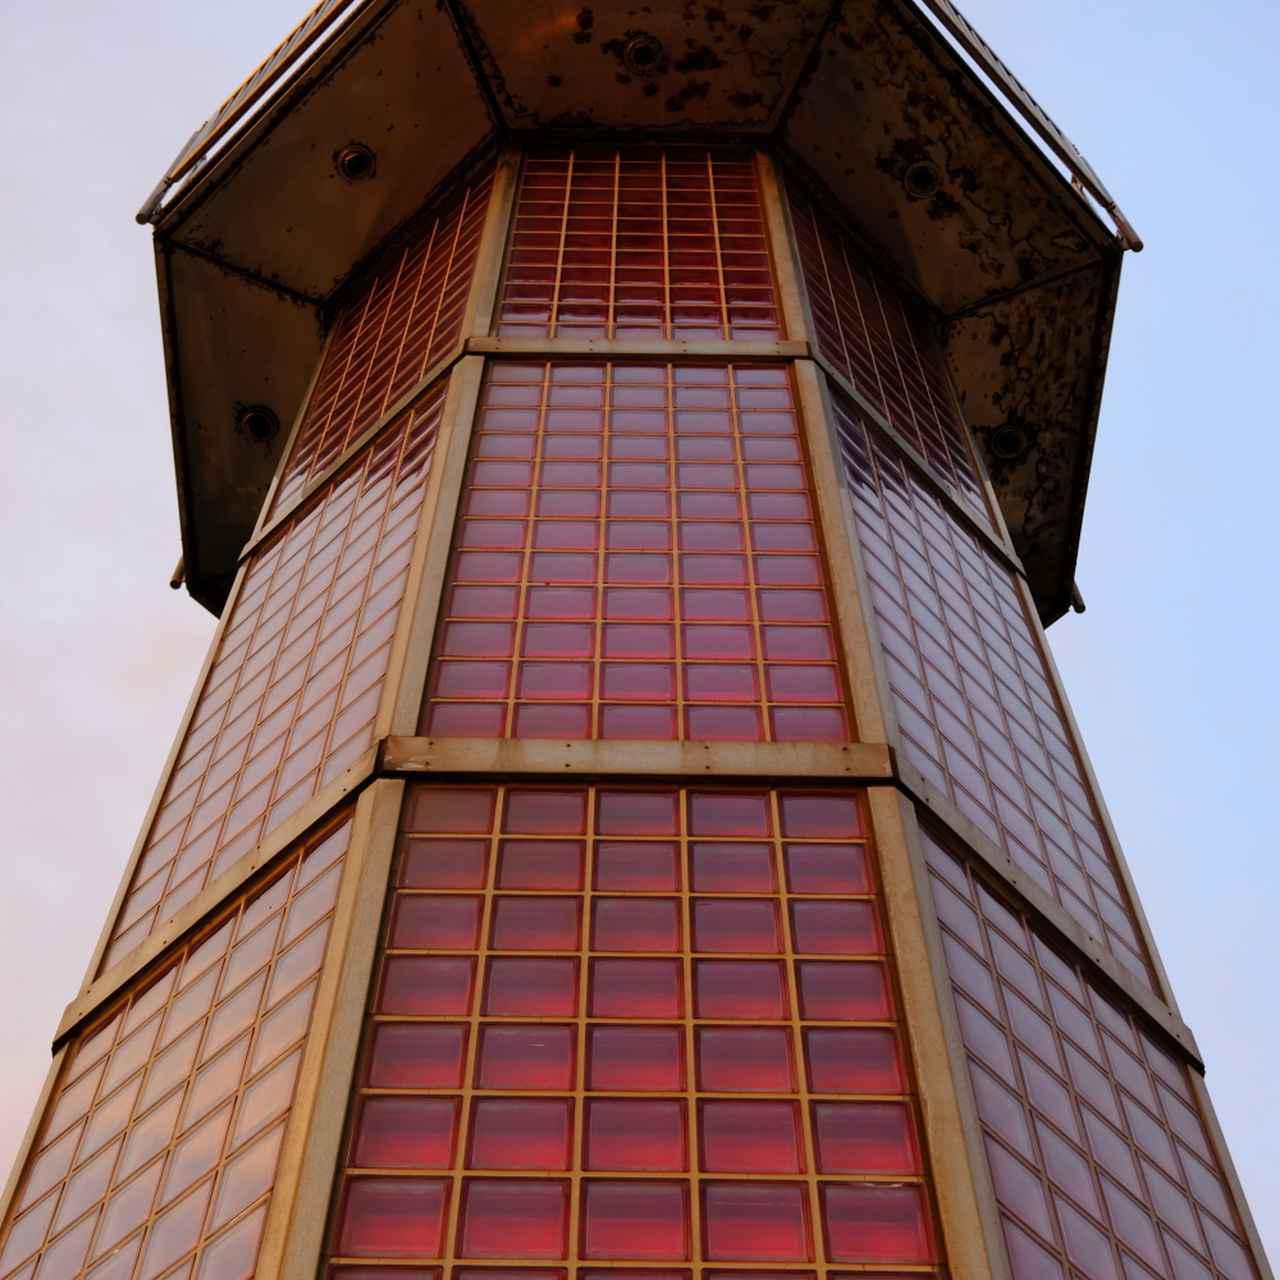 画像: 高松港玉藻防波堤灯台、愛称は「せとしるべ」。ボディ部分が全てガラスという珍しい灯台です。防波堤の先端にあり、遠くからでもその赤い姿が良く見えます。